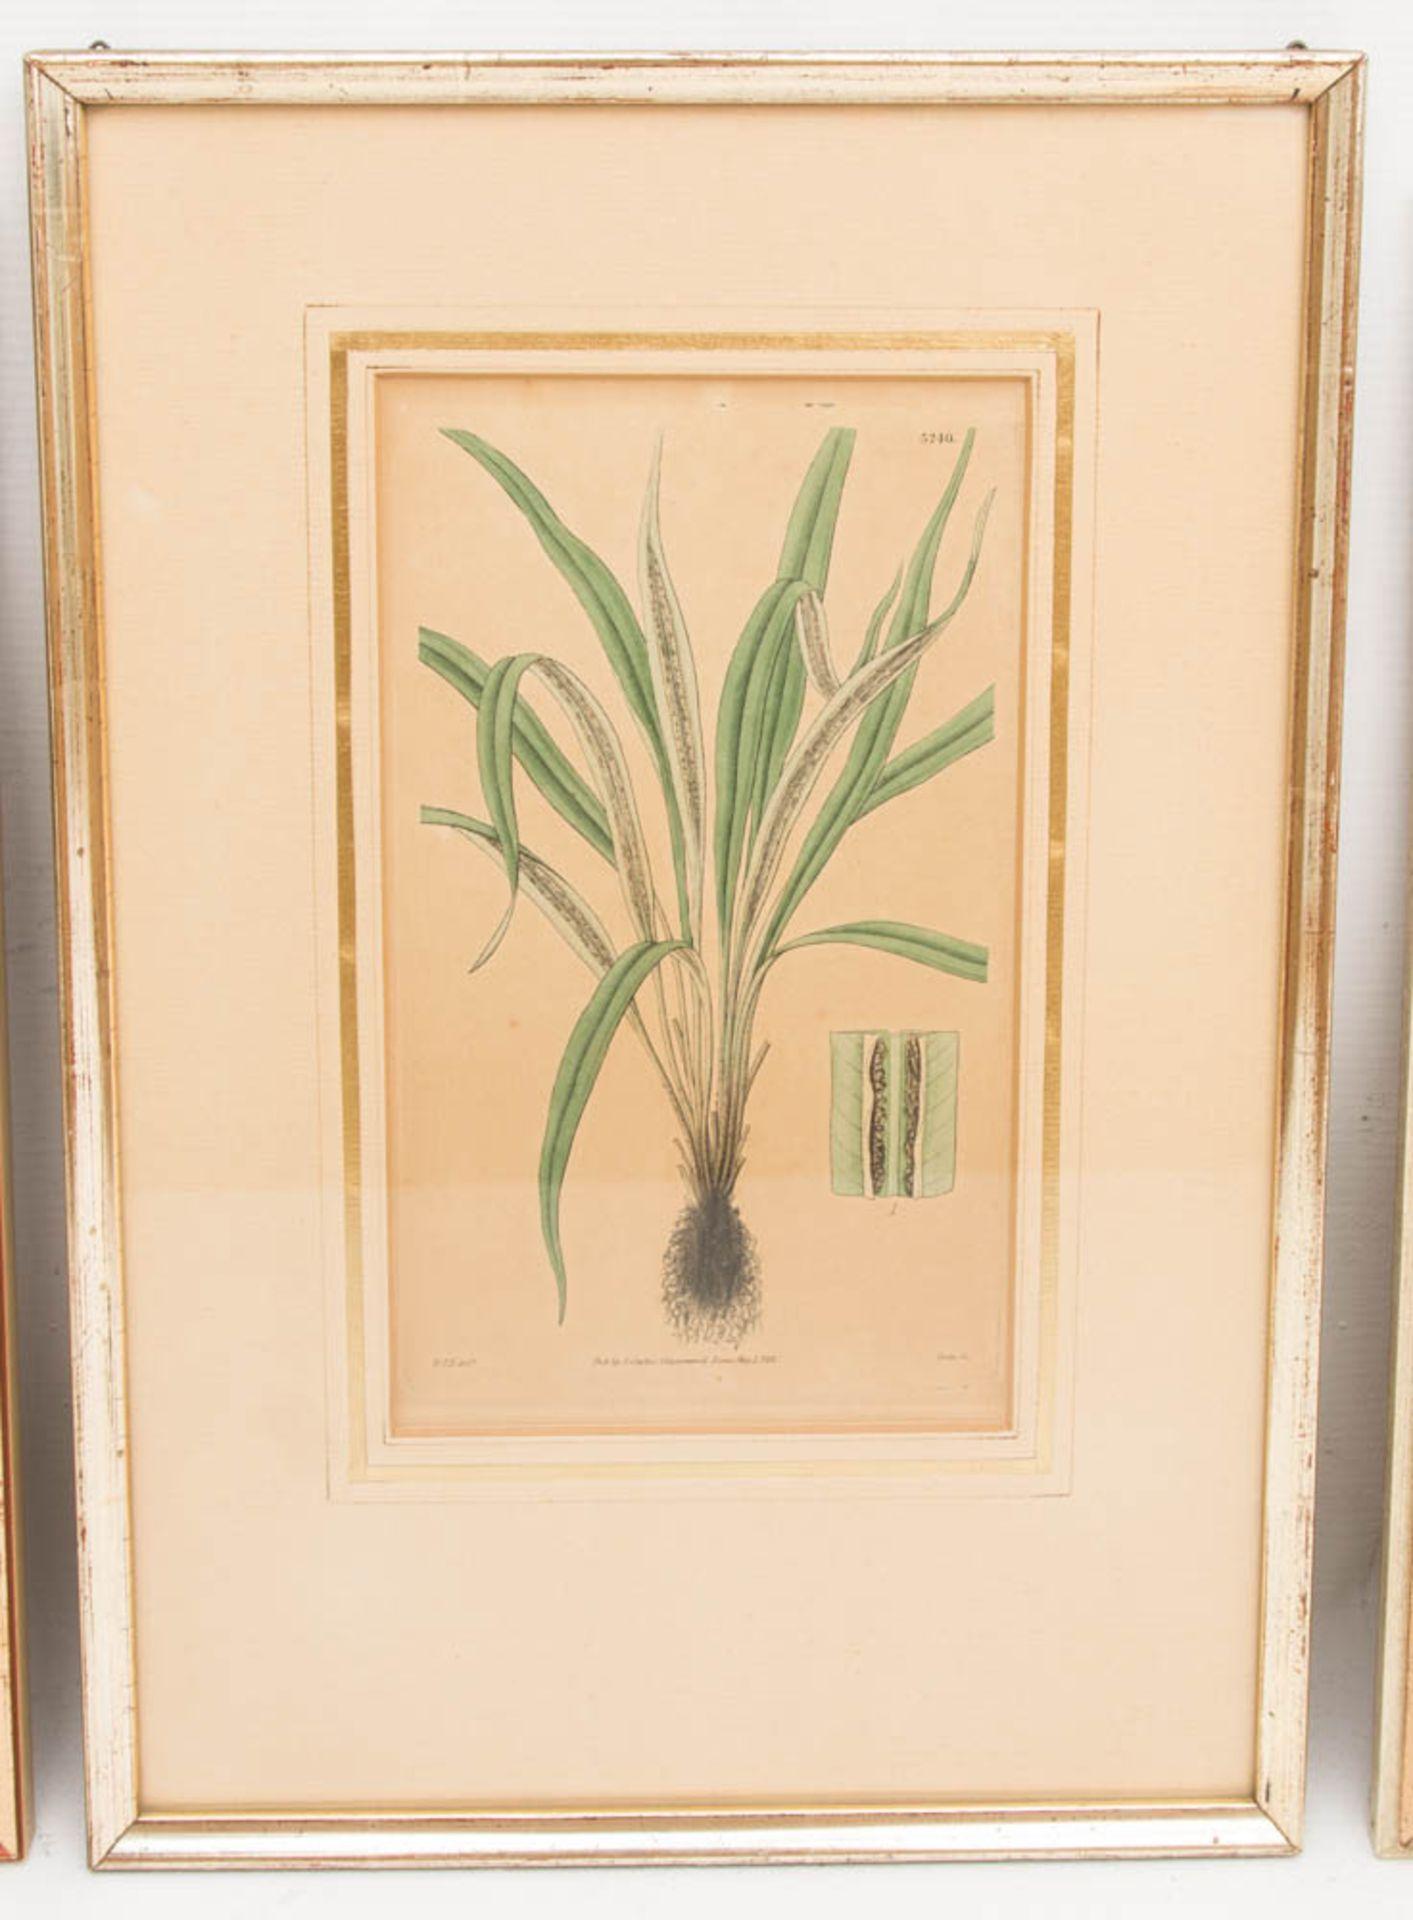 Drei florale Drucke, ein florales Aquarell.Gerahmt, leichte Gebrauchsspuren.Ein Be - Bild 5 aus 6